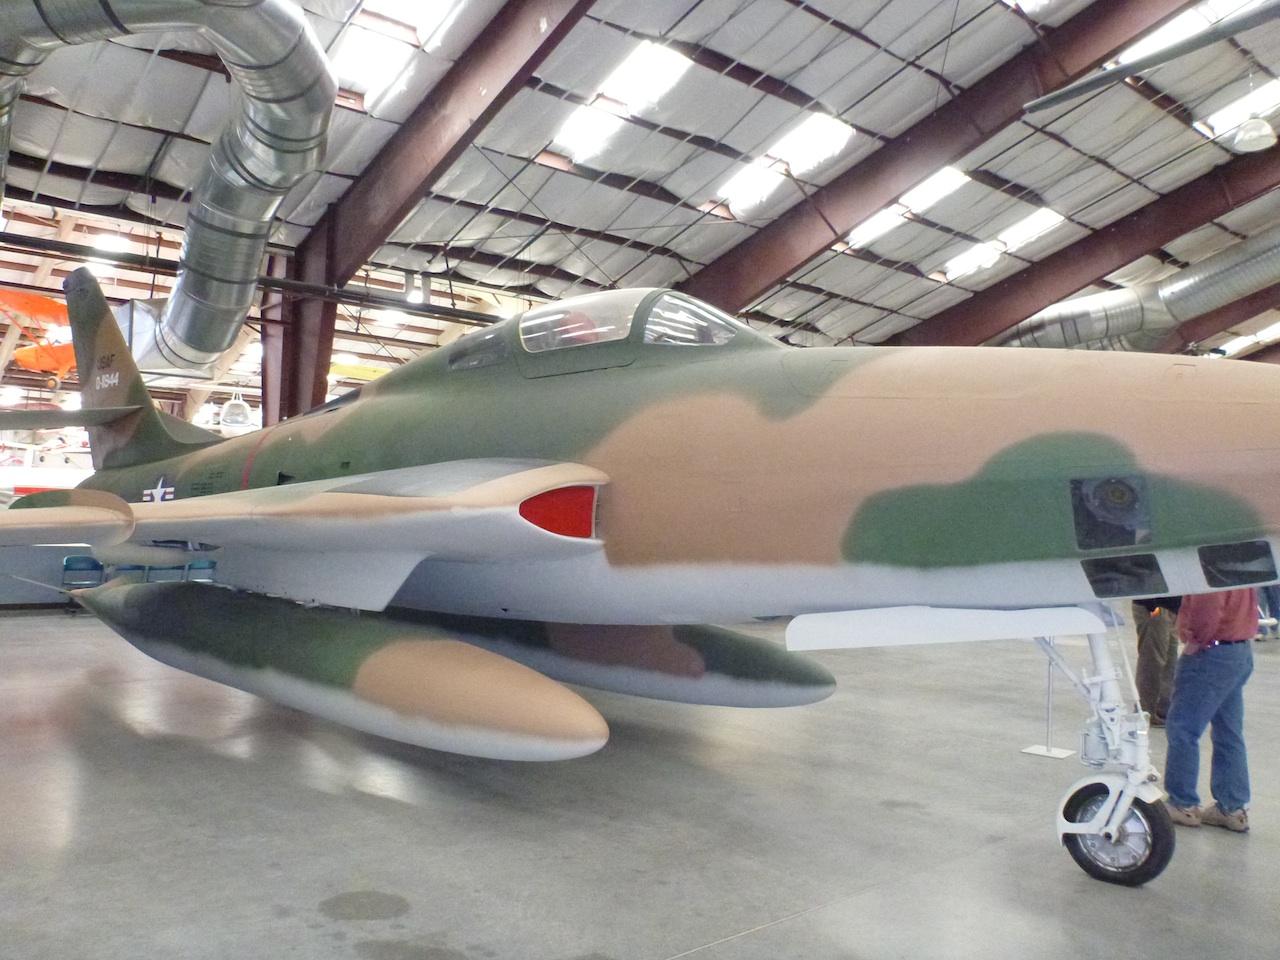 A Plane With Spy Cameras Built Into The Nose